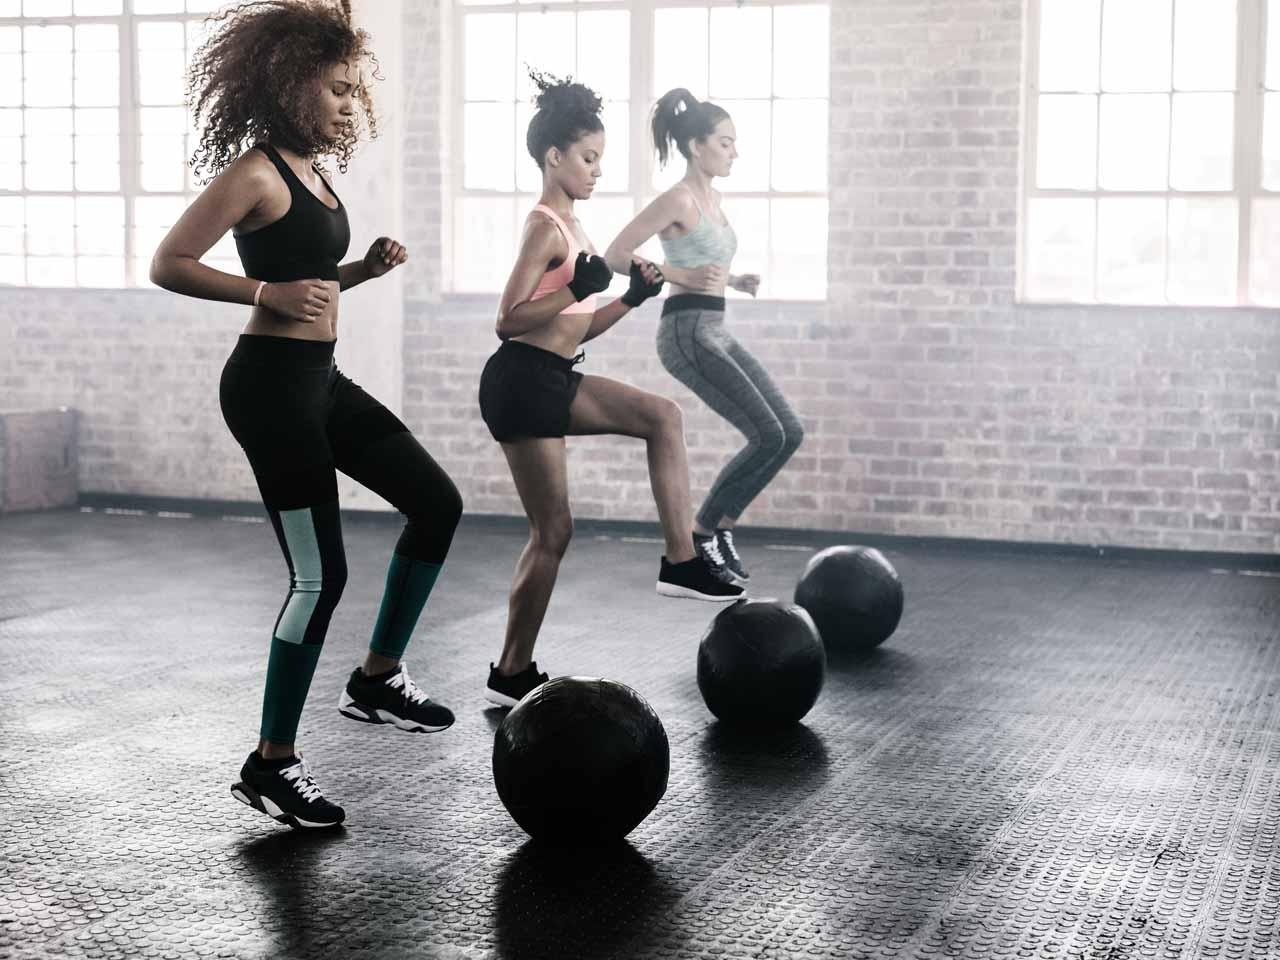 women in a gym class